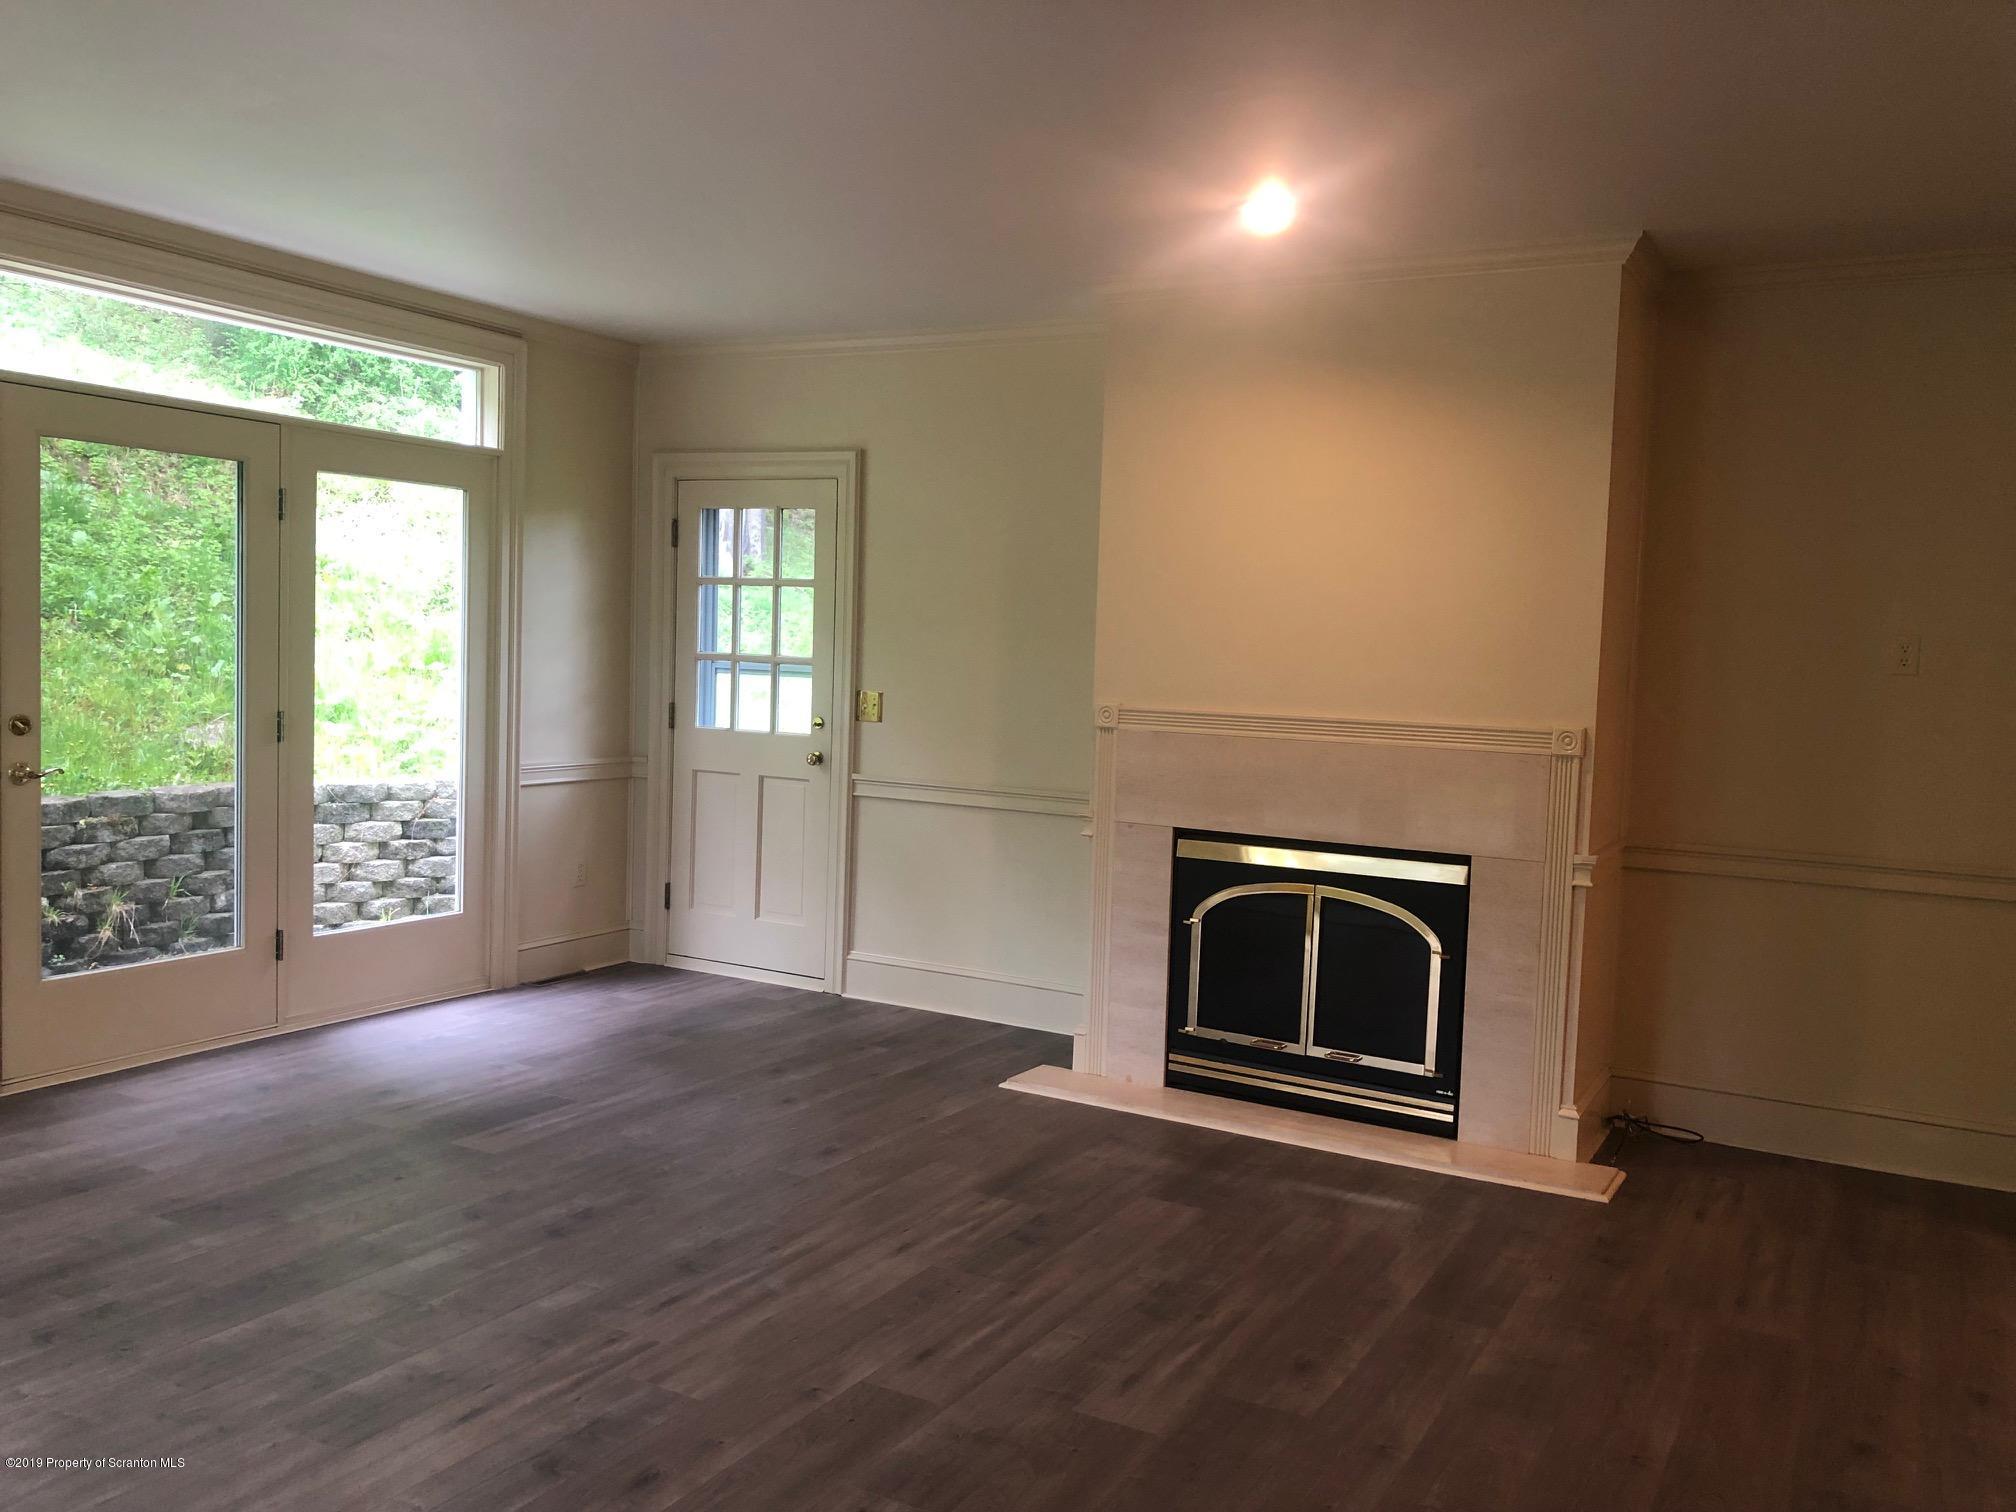 1807 Cochecton Tpke, Damascus, Pennsylvania 18415, 3 Bedrooms Bedrooms, 8 Rooms Rooms,2 BathroomsBathrooms,Single Family,For Sale,Cochecton,19-2176